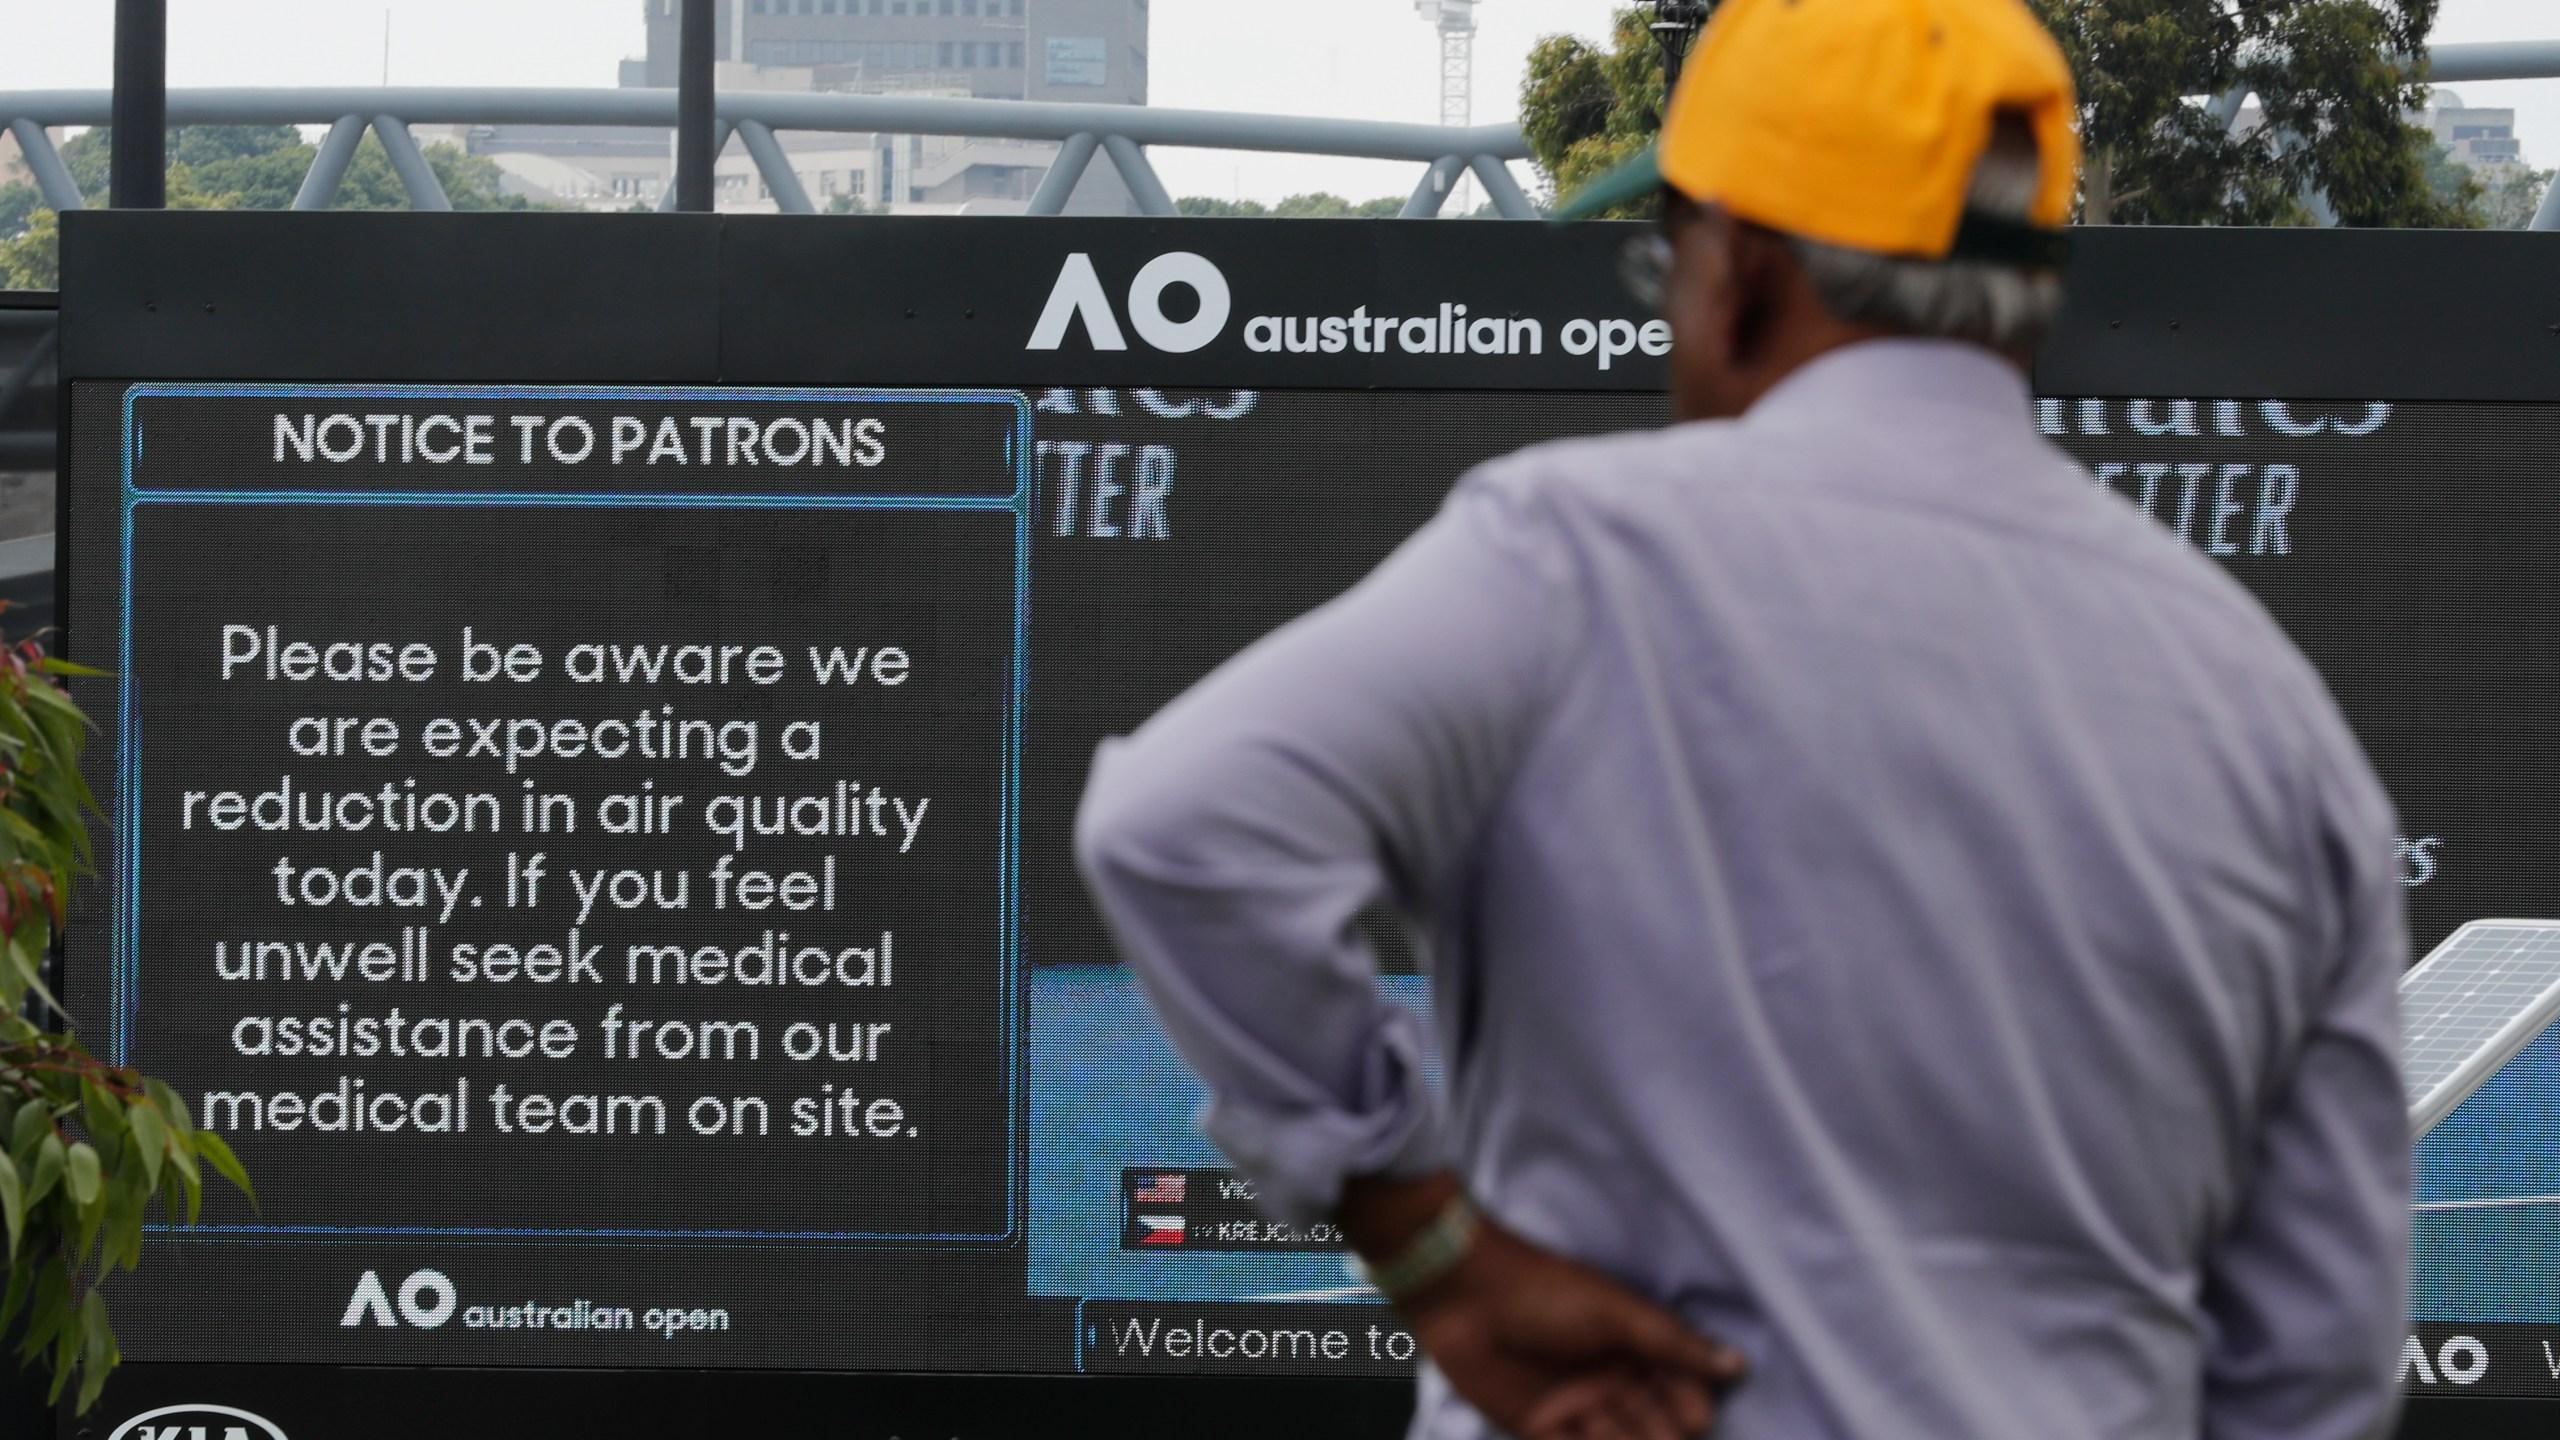 Federer Nadal Seem Sure All Will Be Ok At Australian Open